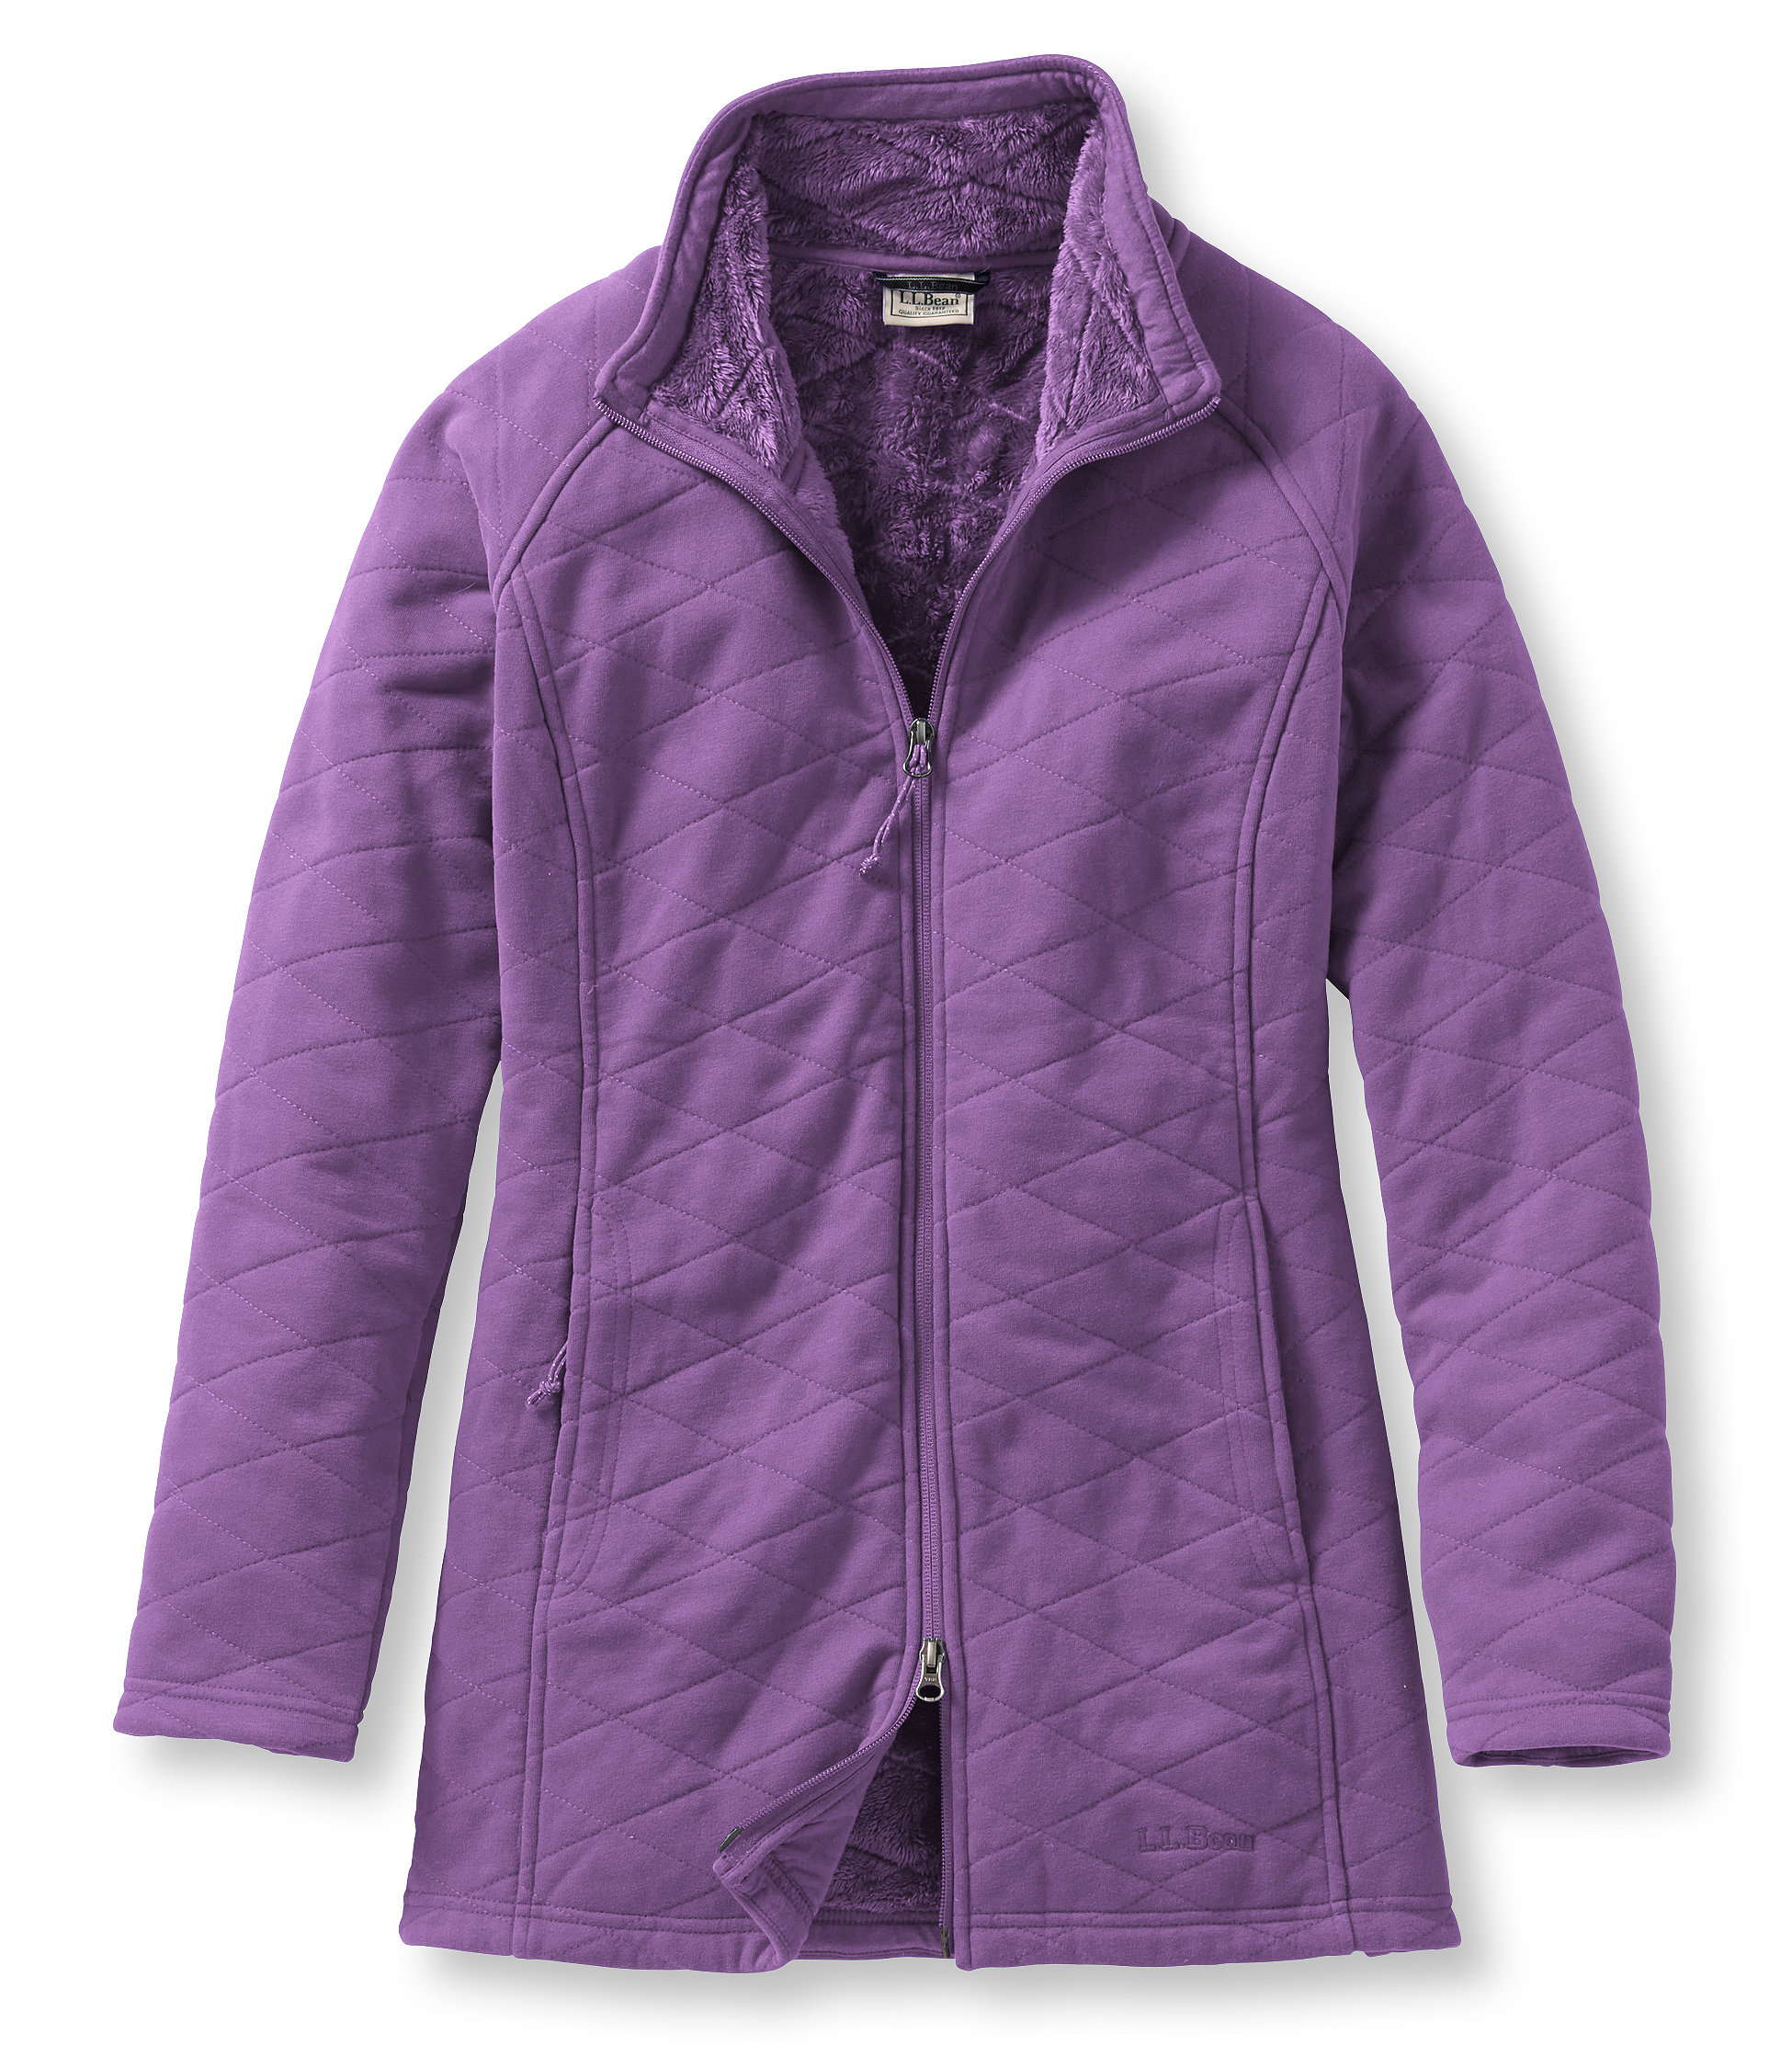 L.L.Bean Comfy Cozy Fleece Jacket